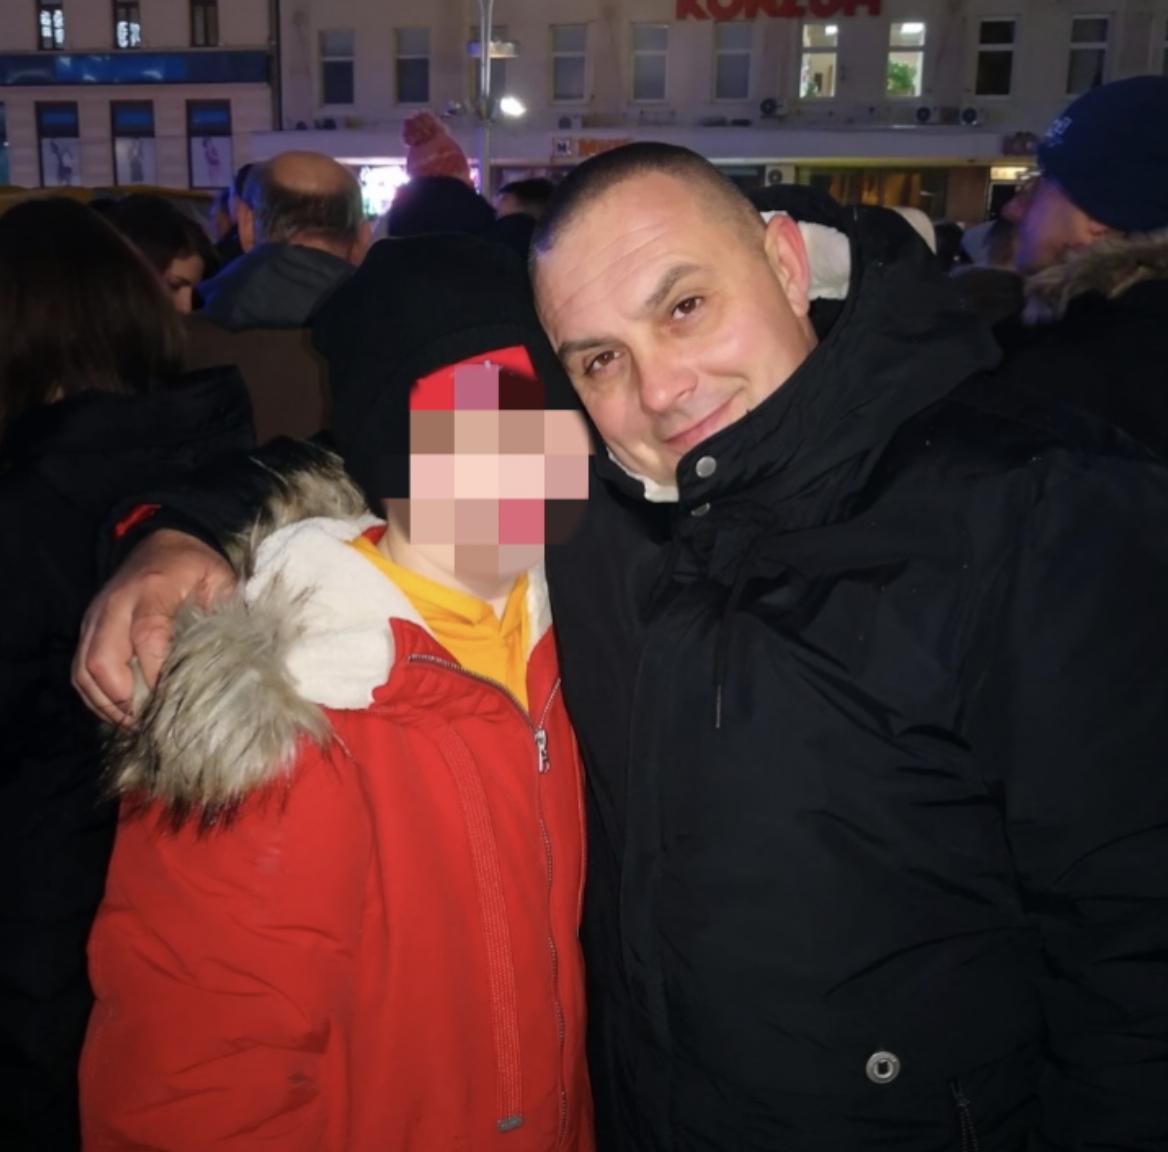 Pao sa skele i poginuo: Igor u Opatiji radio da prehrani obitelj